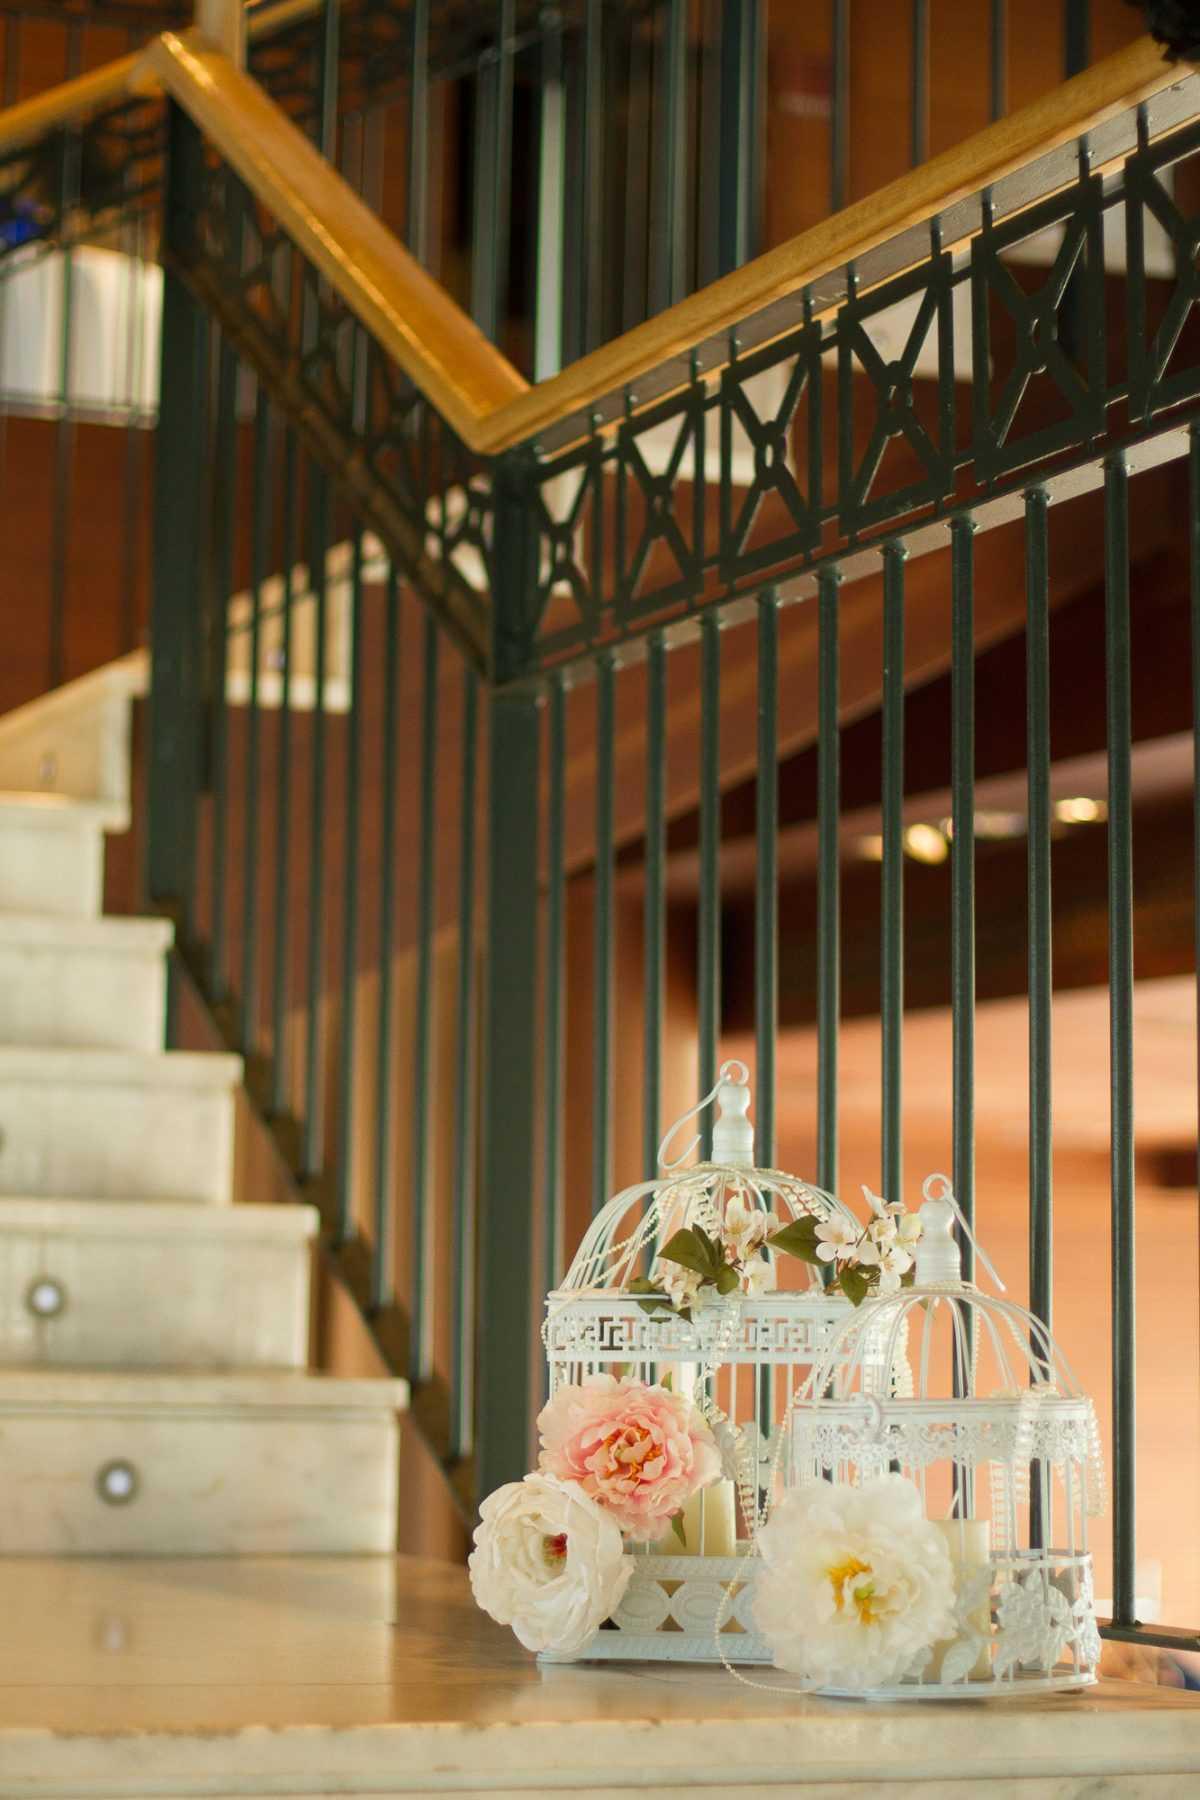 Detalles-jaula-decoracion de nuestra boda